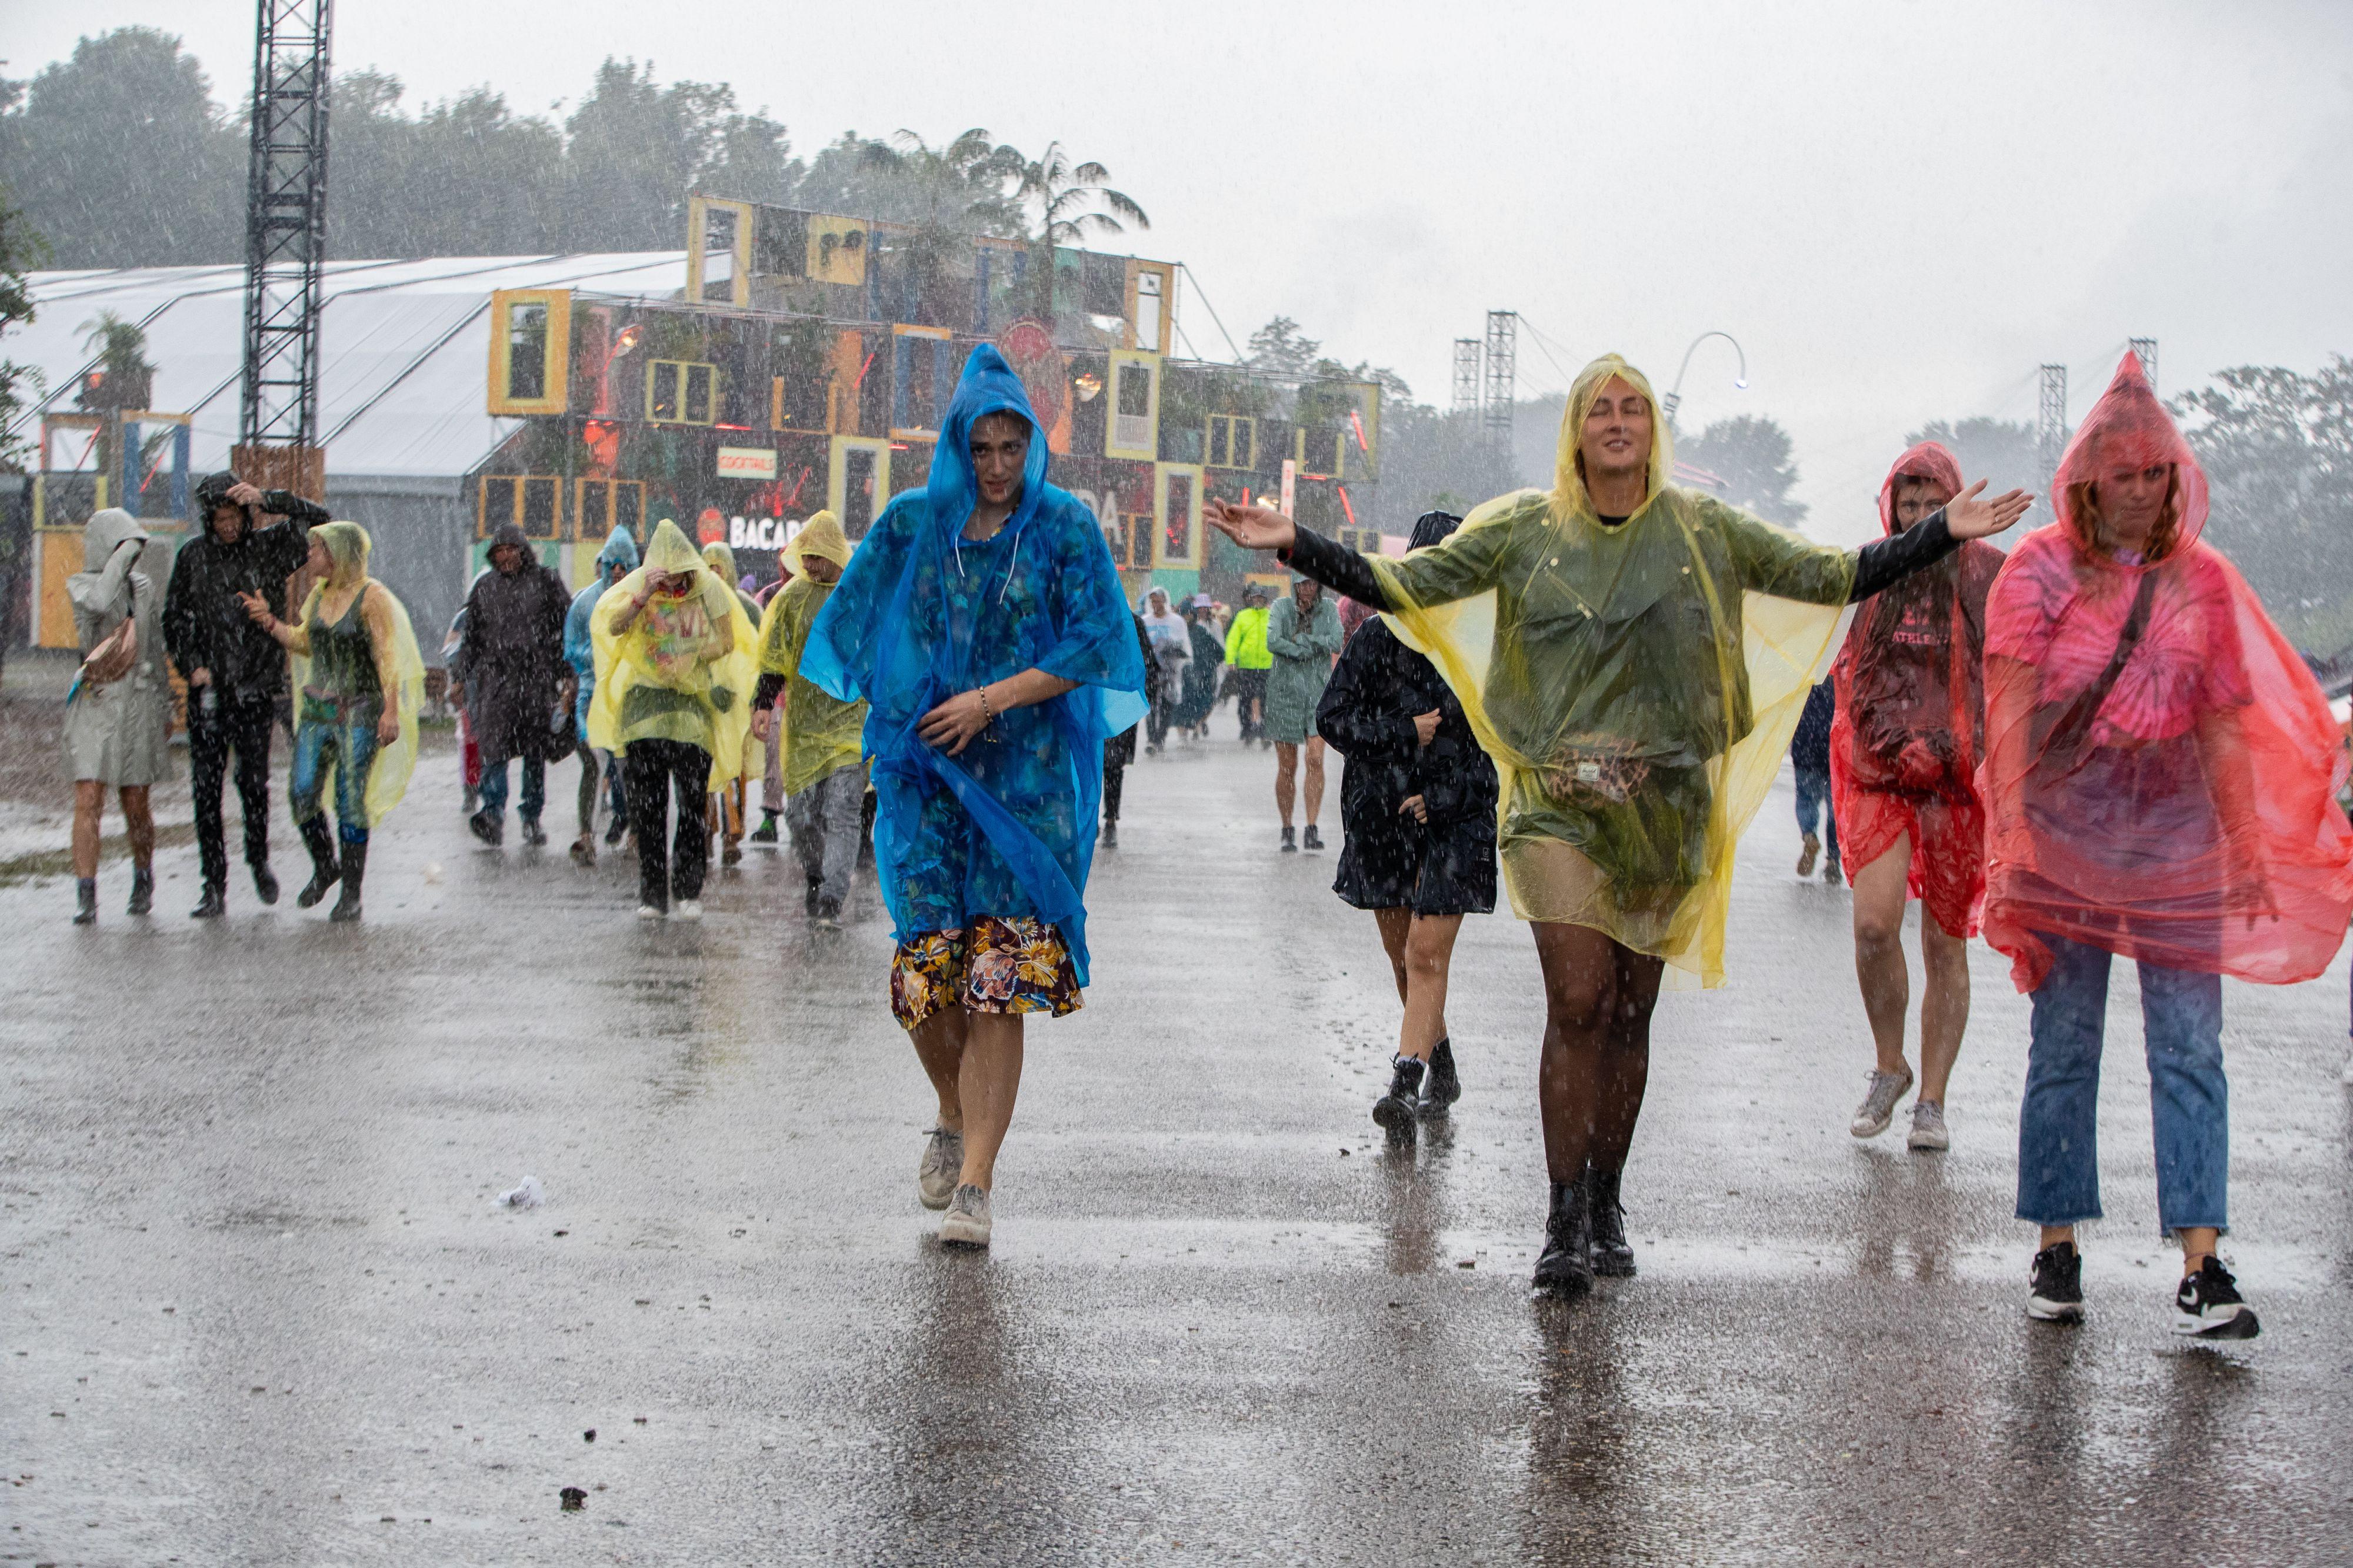 De waren de opvallendste festivaltrends van 2019